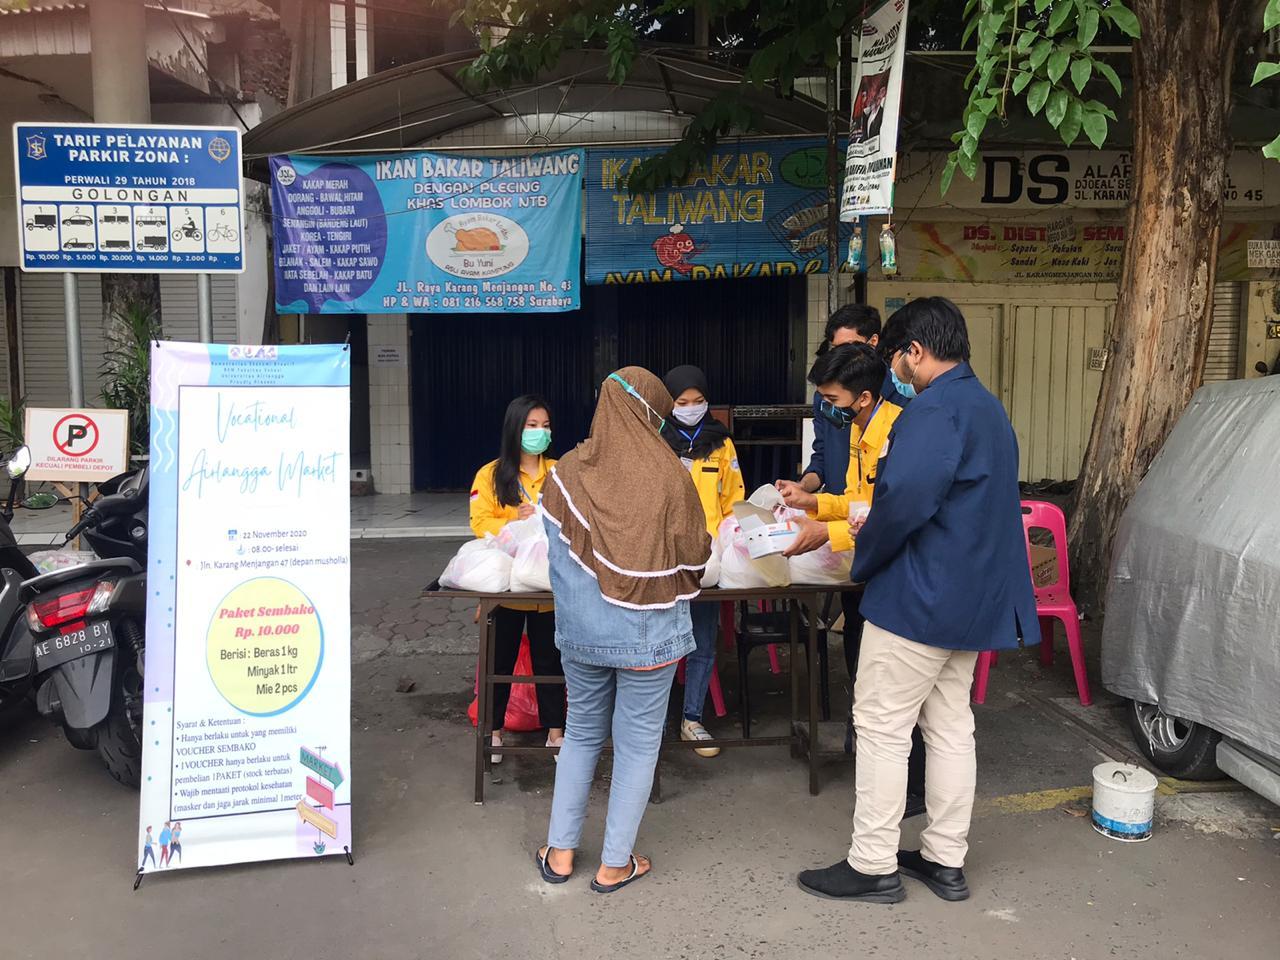 Kementerian Ekonomi Kreatif Ramaikan Vocational Airlangga Market Dengan Mengadakan Pasar Murah